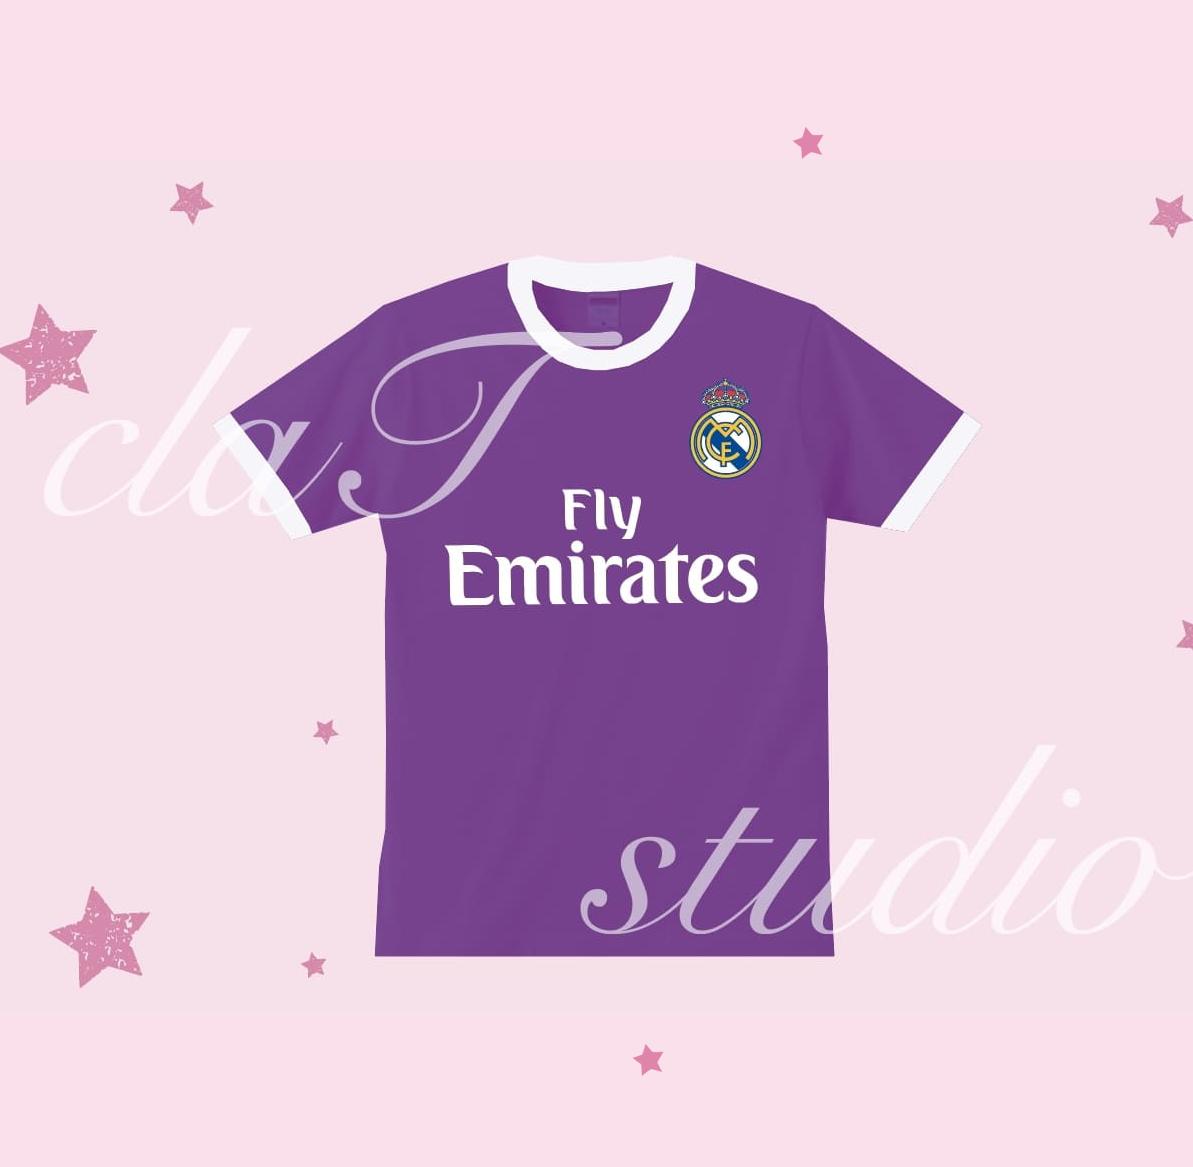 紫のサッカーユニフォームクラスtシャツ_image_0003